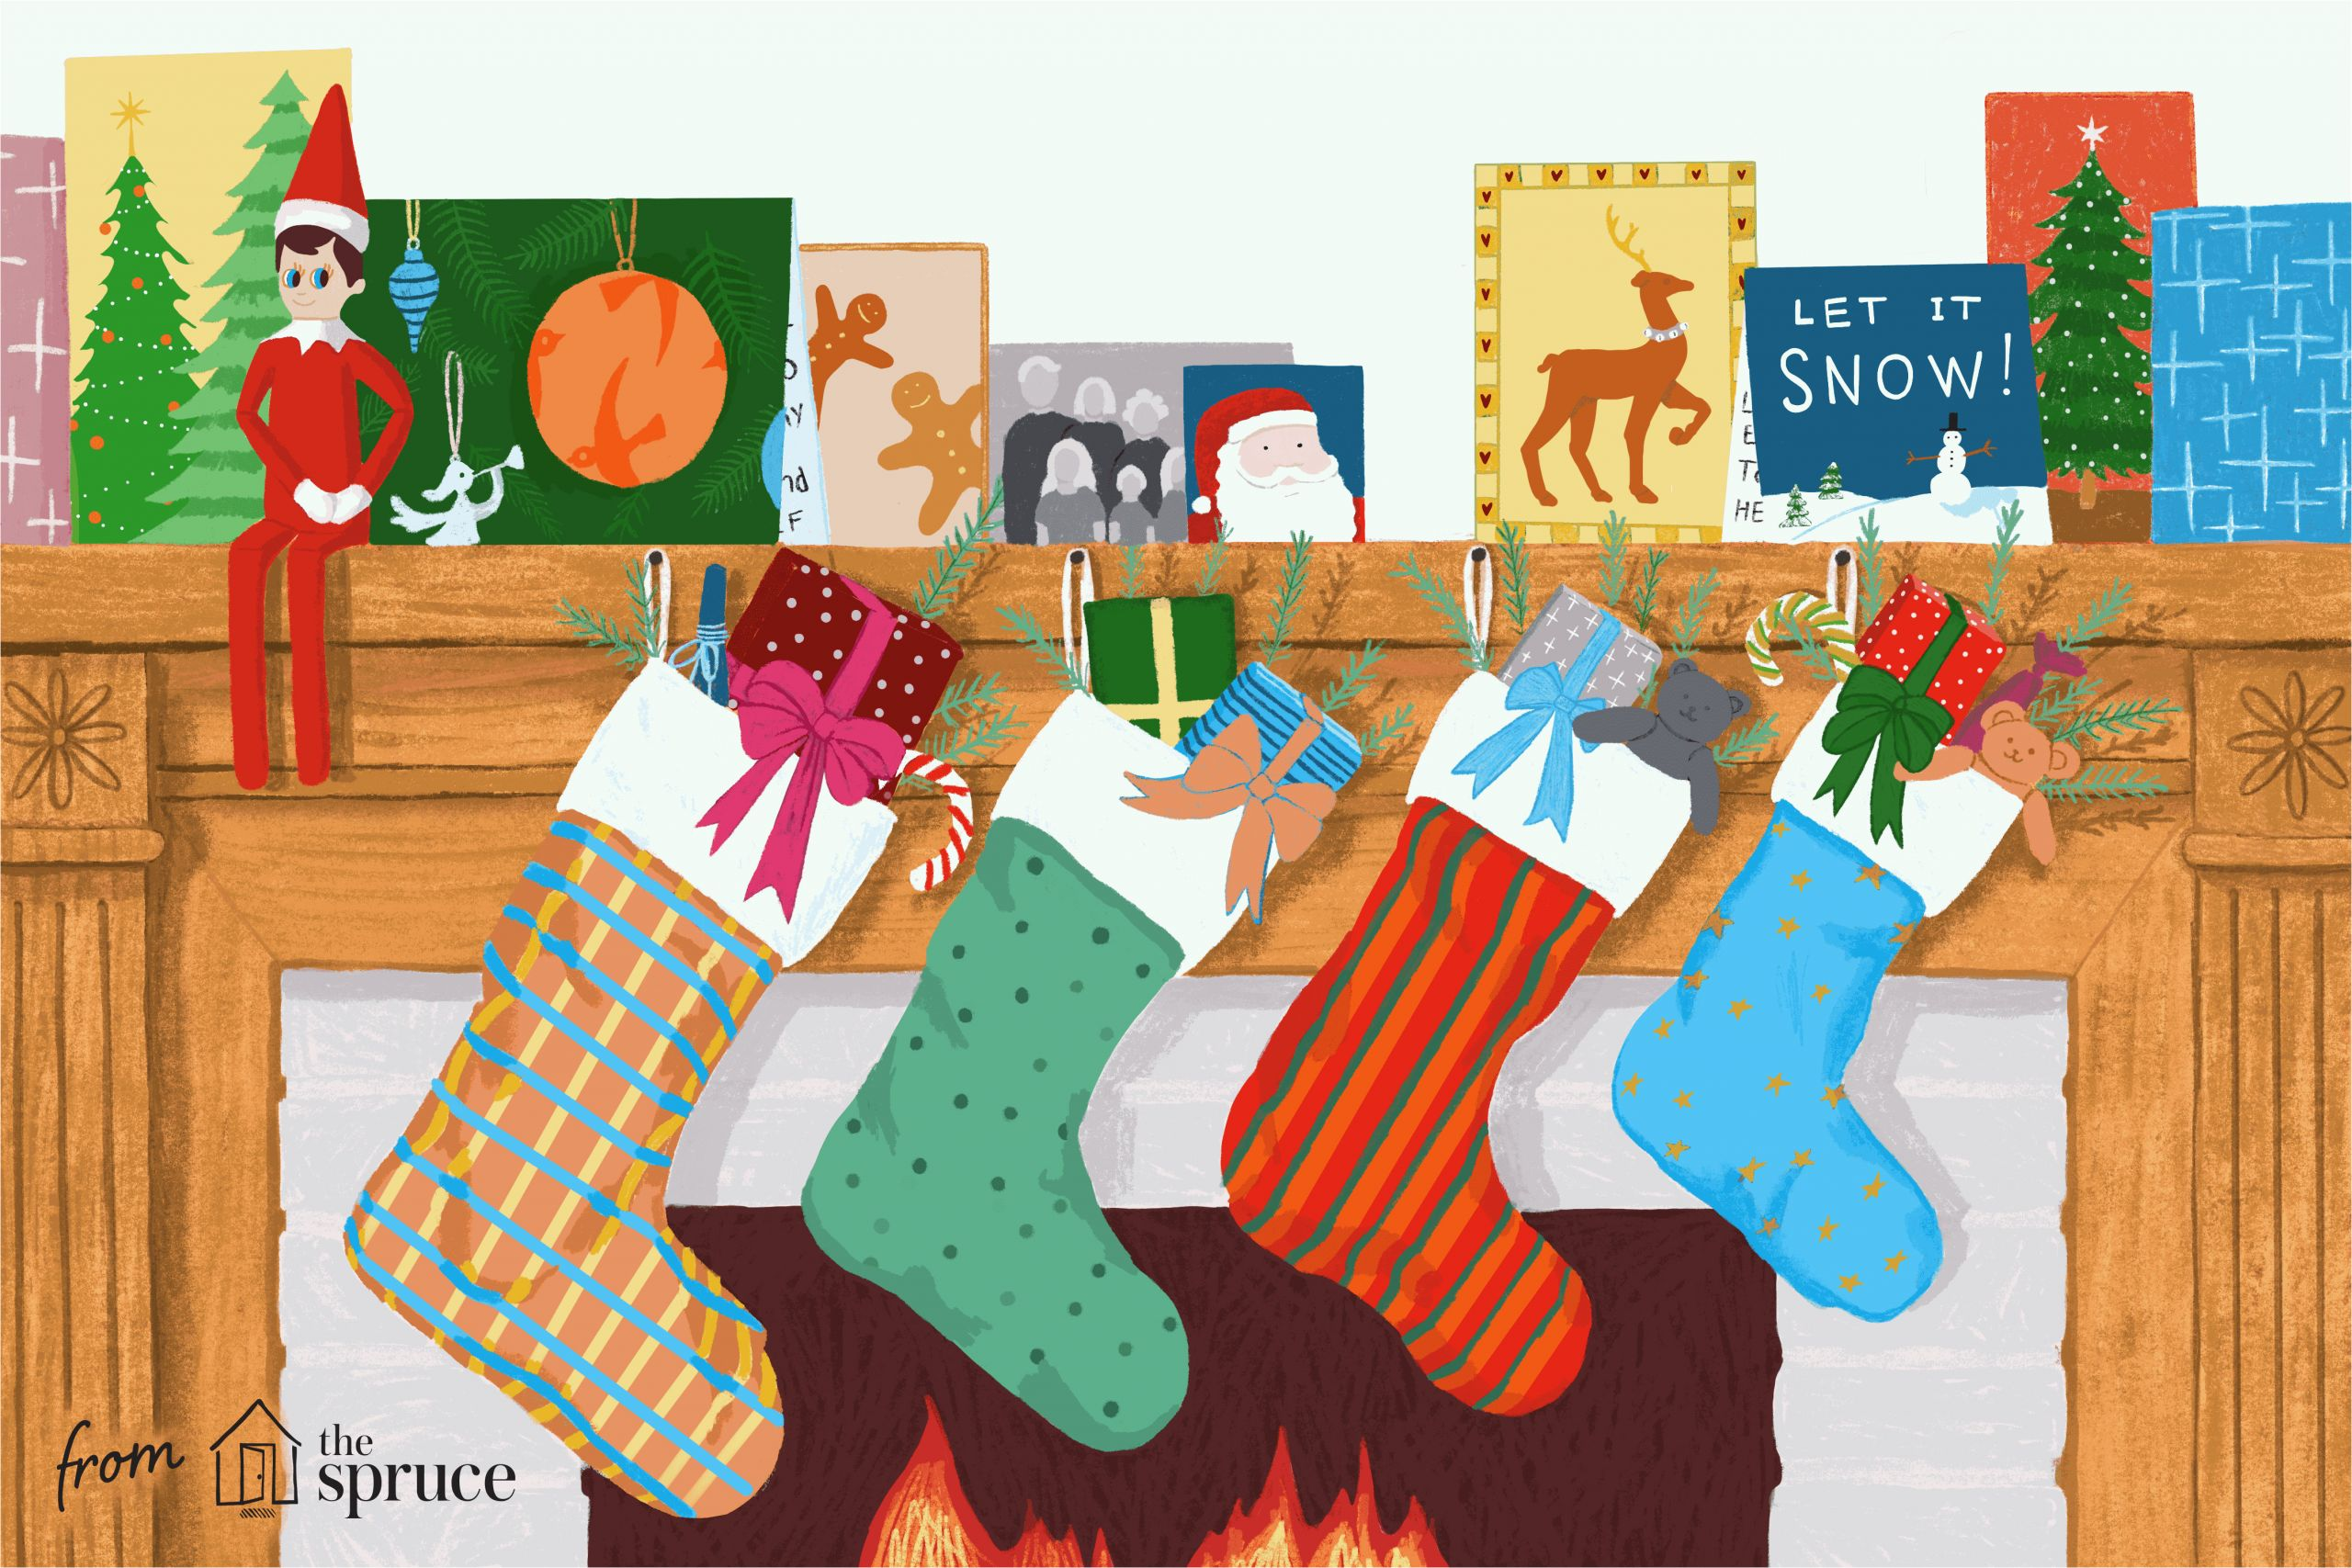 free printable christmas cards 1357397 v2 5e57f2b17e854d928e9d90cae5dc7d59 png